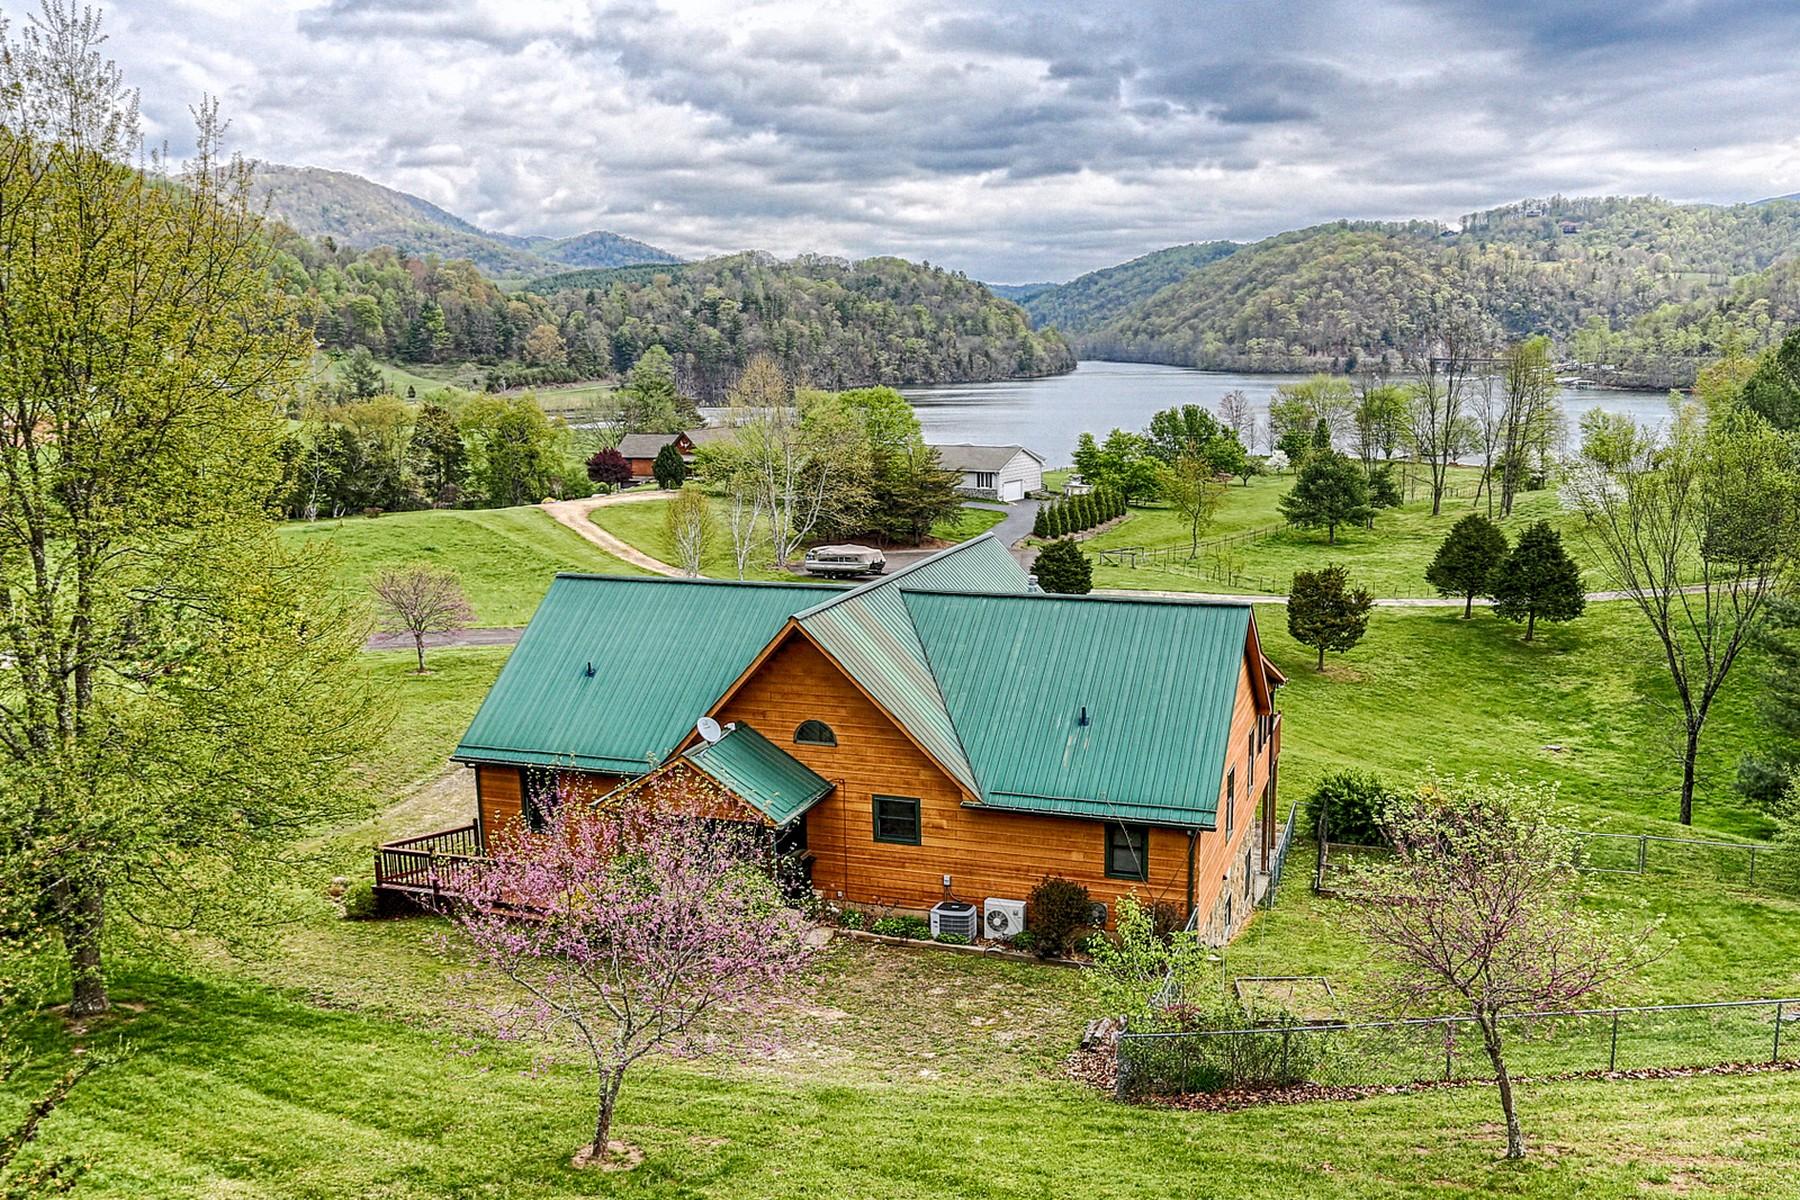 Частный односемейный дом для того Продажа на The Perfect Cabin With Waterfront Access 300 North River Lane Butler, Теннесси 37640 Соединенные Штаты